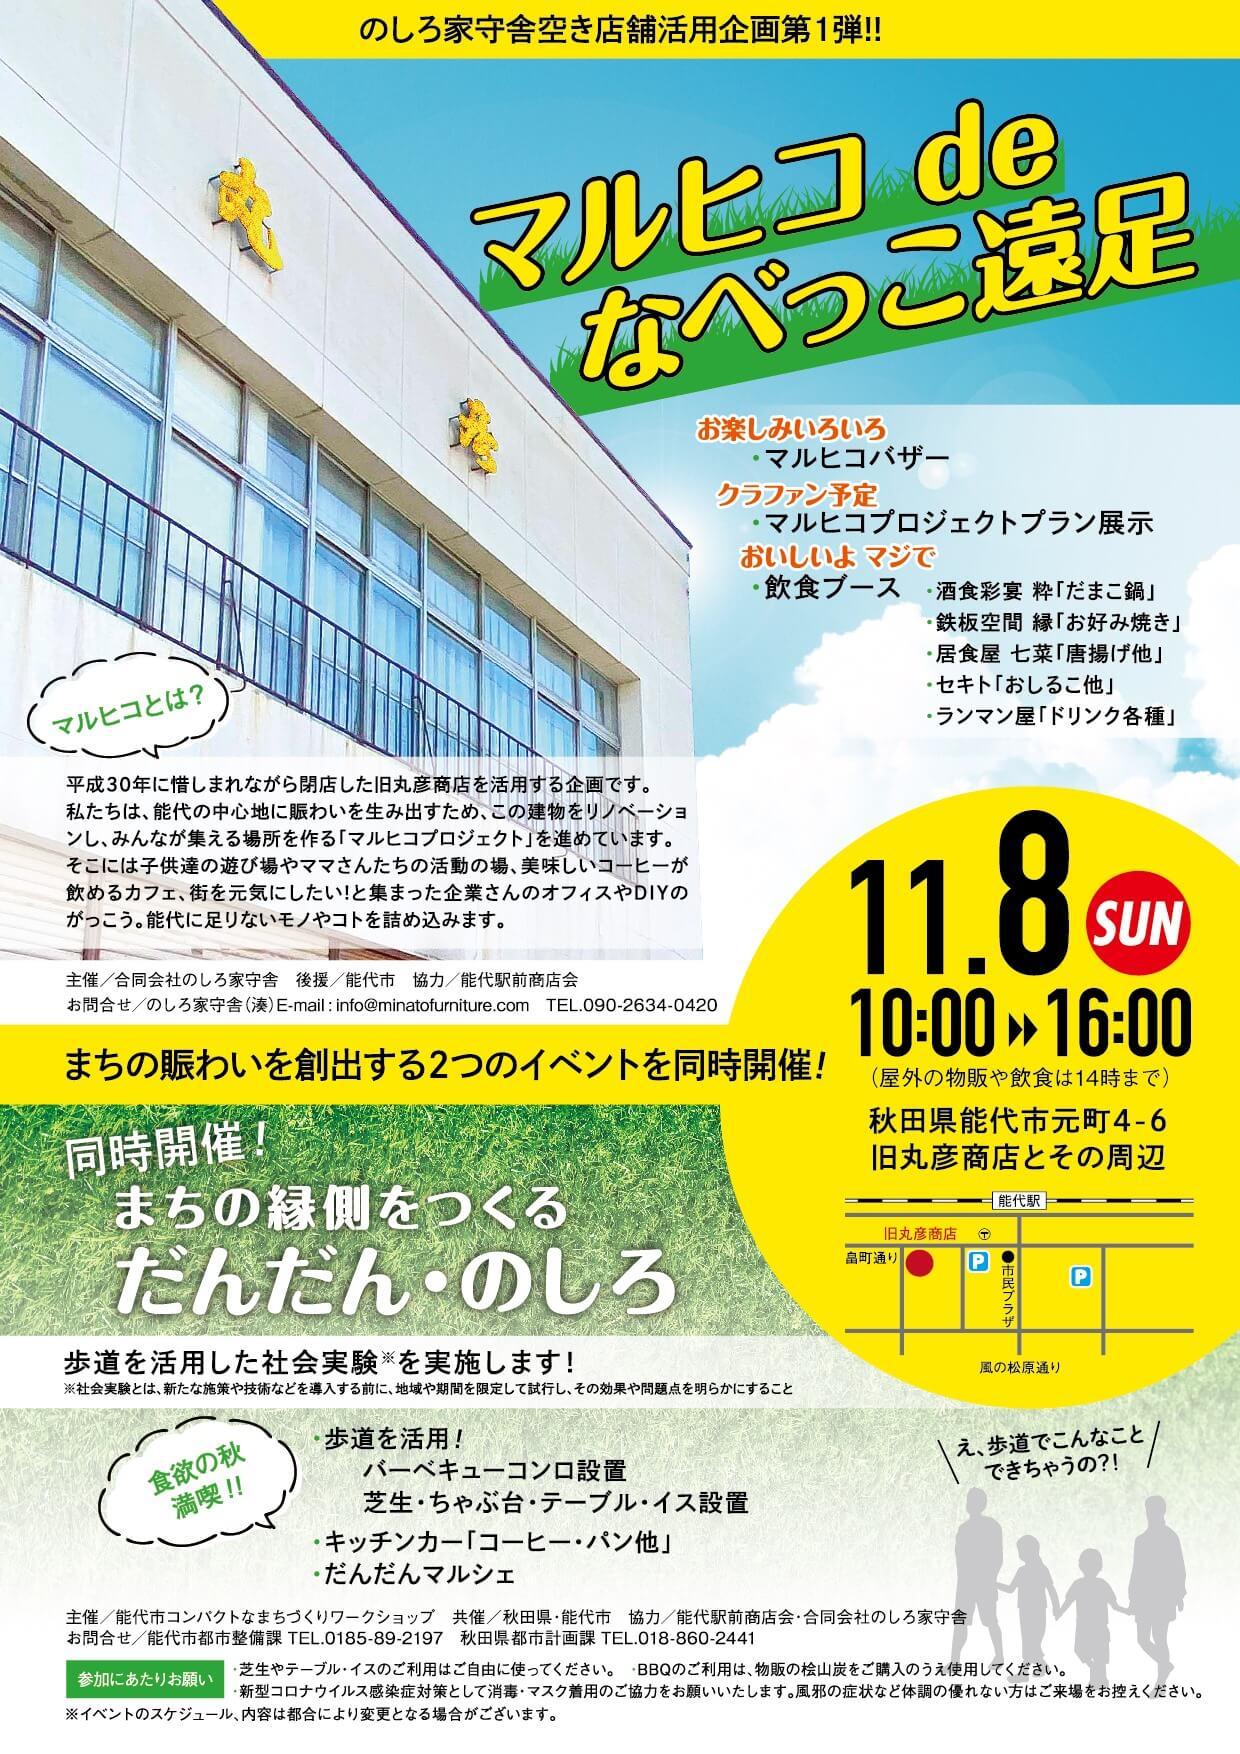 【11月8日】マルヒコdeなべっこ遠足が開催されます!